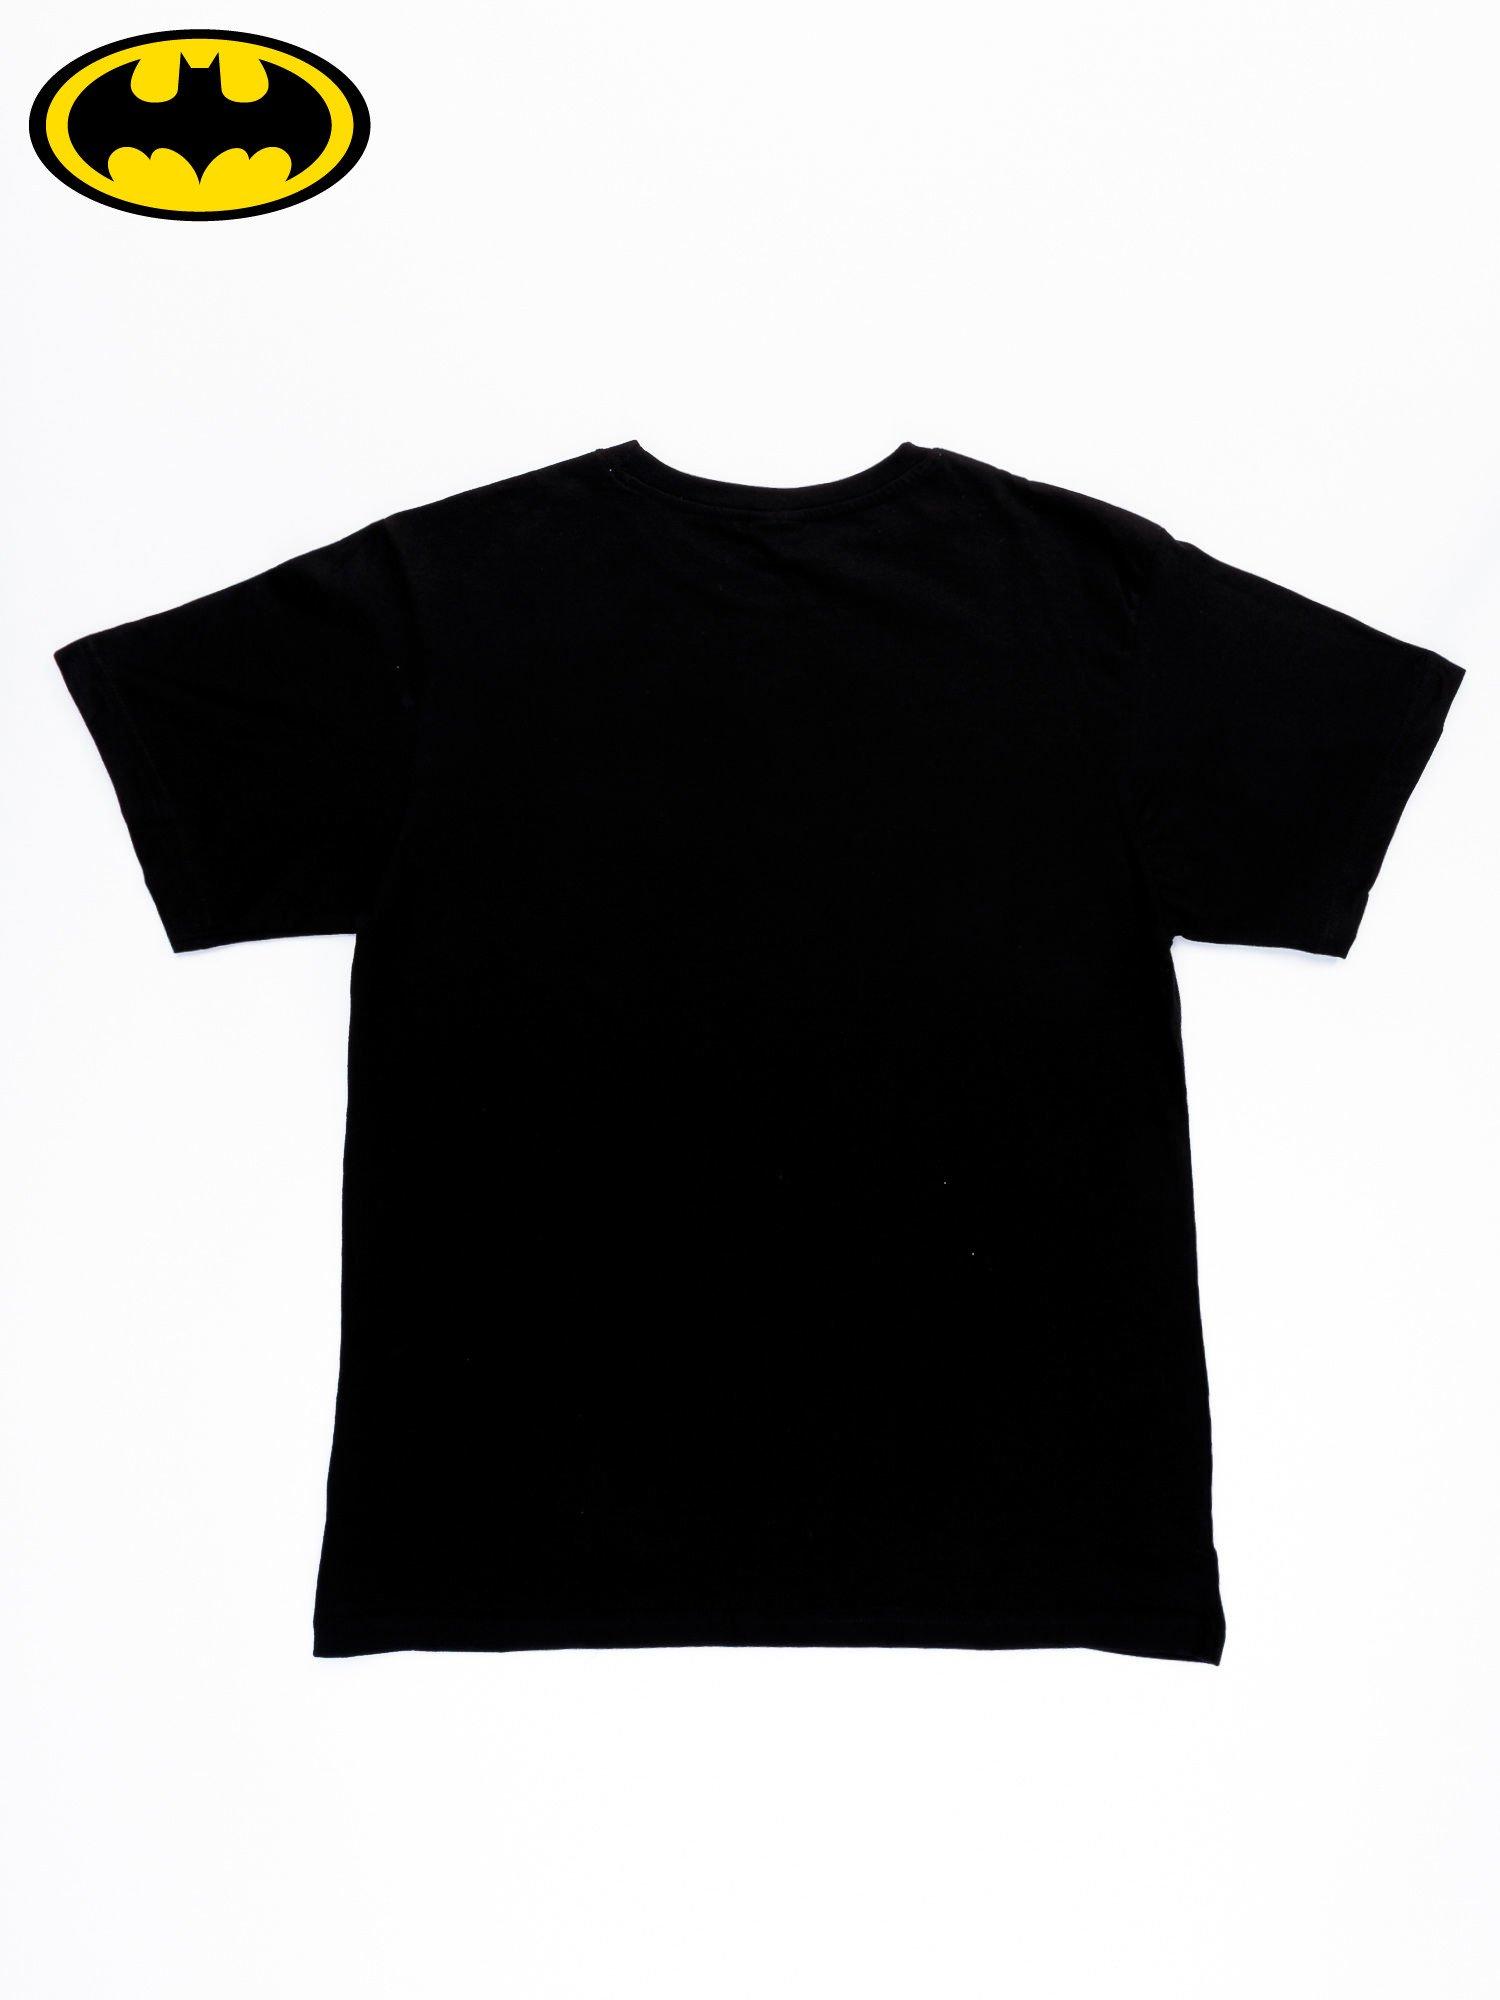 Czarny t-shirt męski BATMAN                                  zdj.                                  11